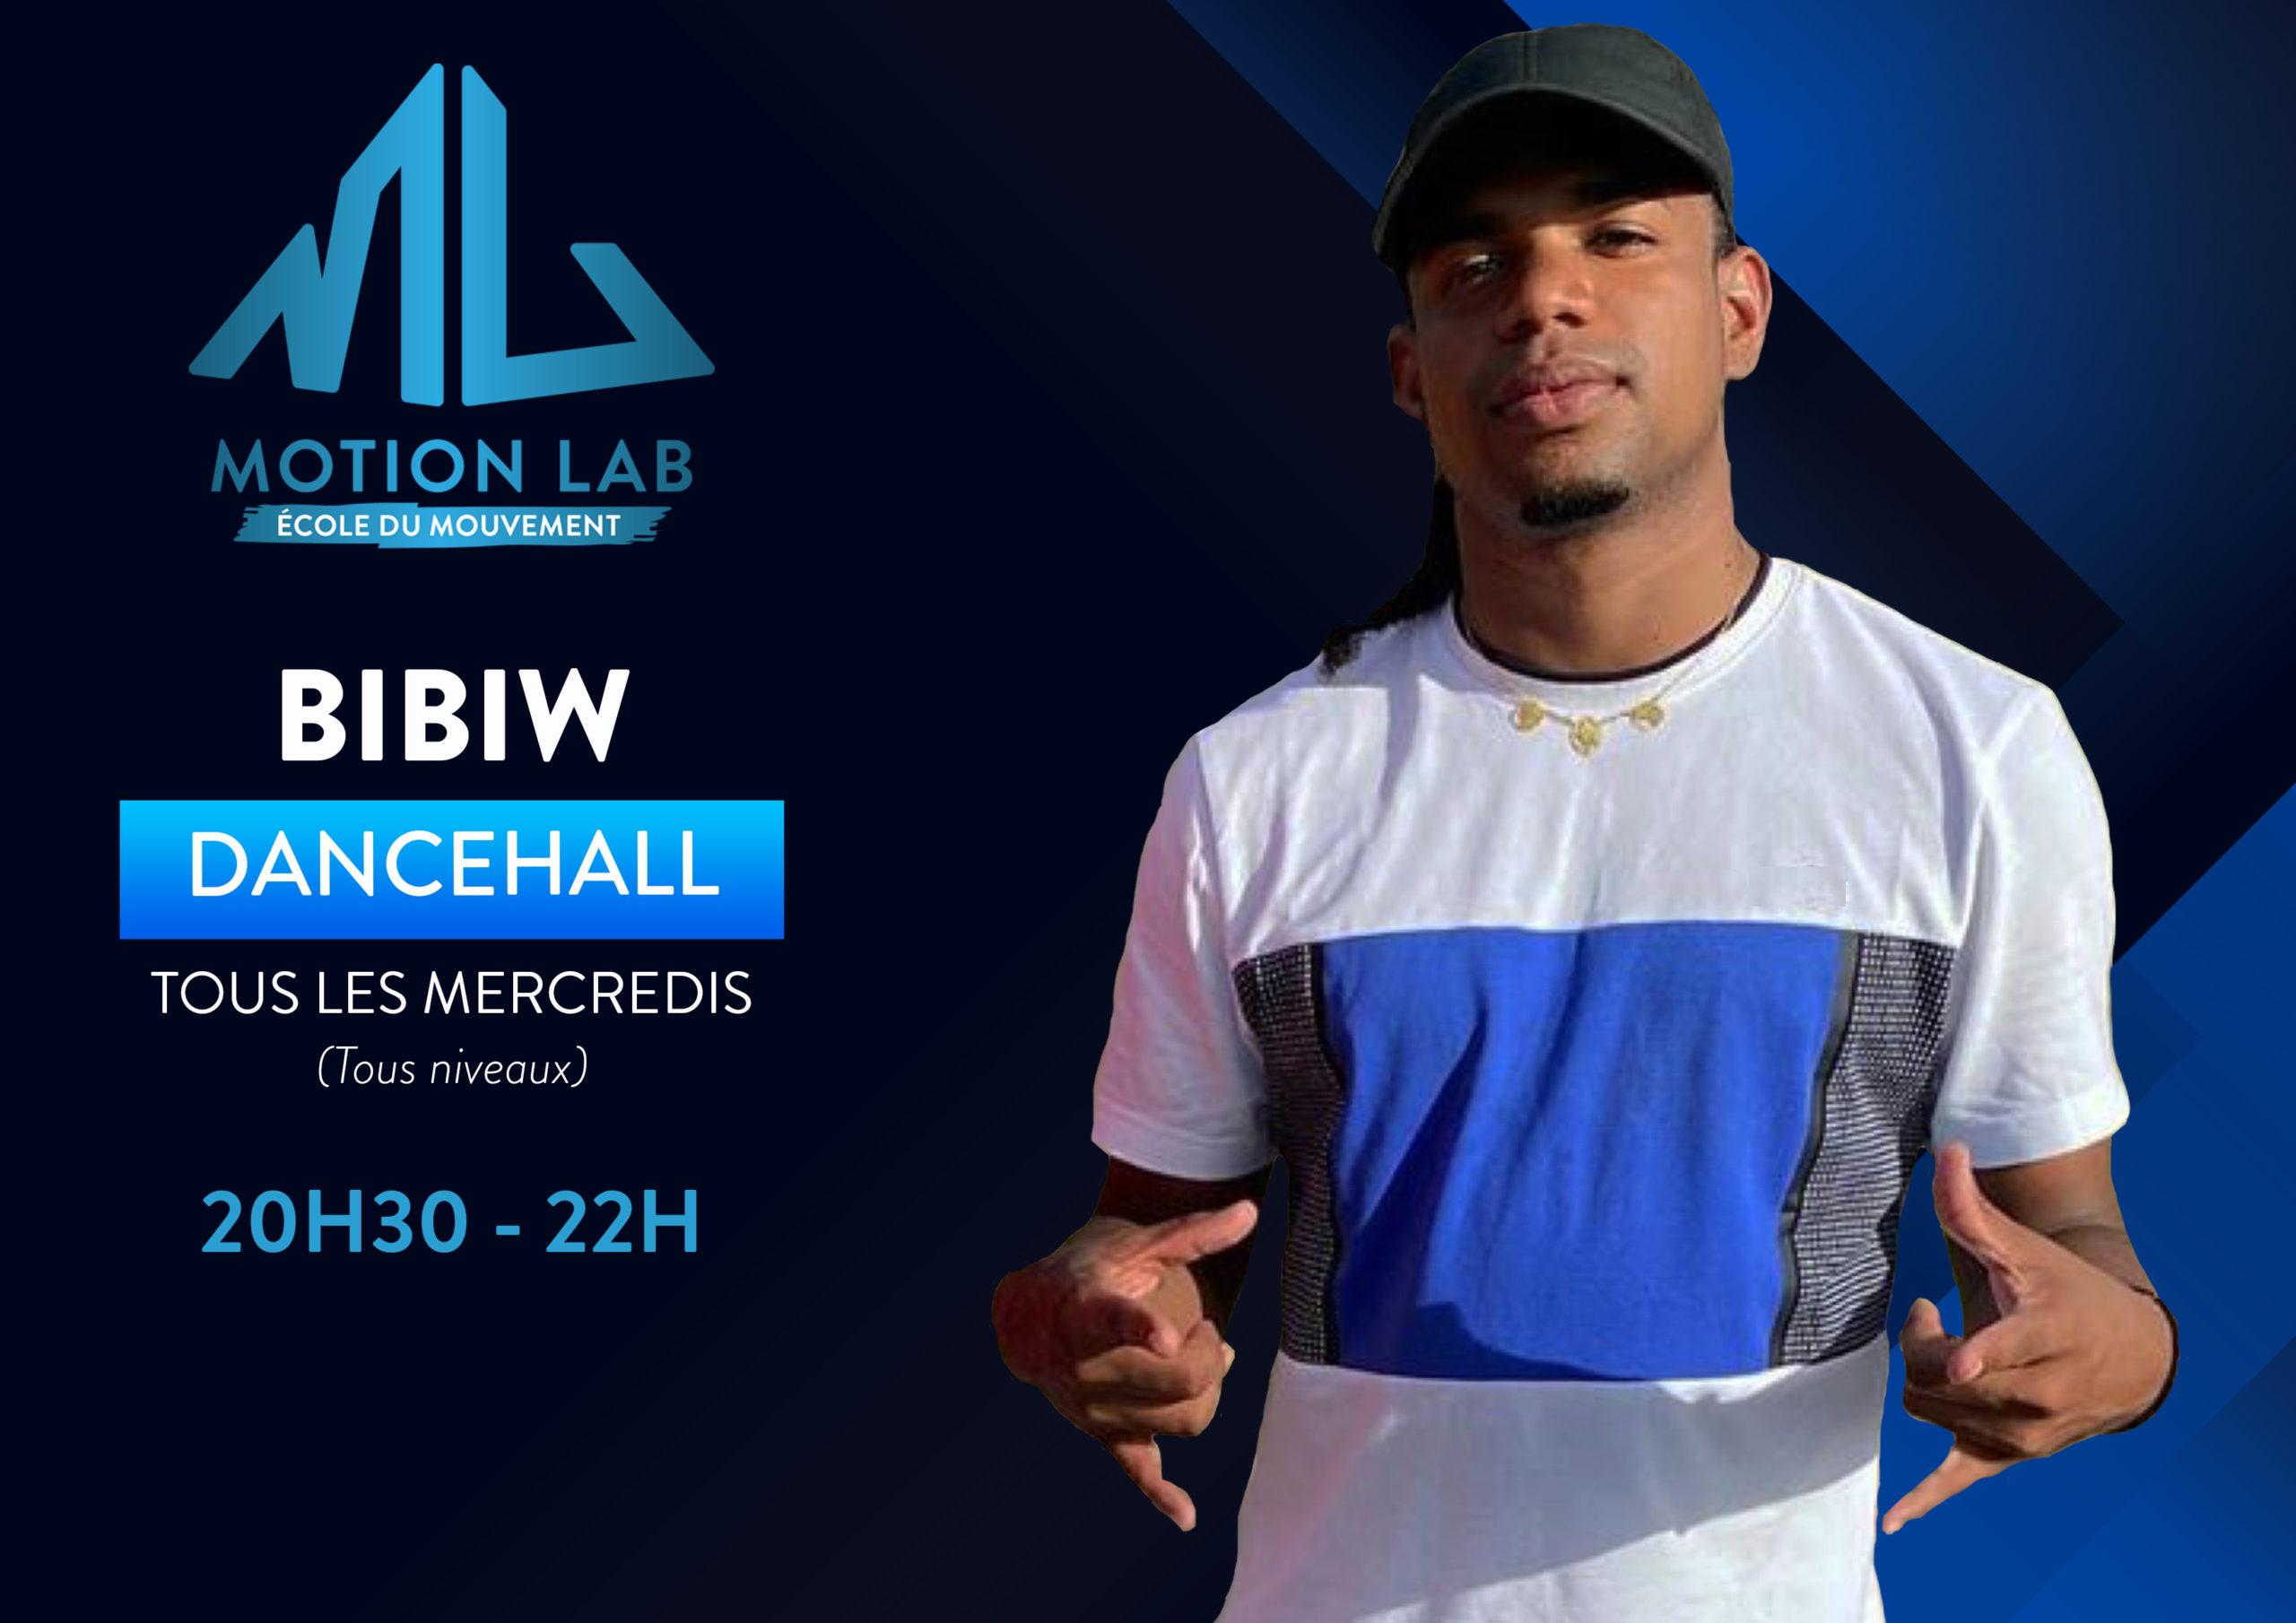 Bibiw - Dancehall